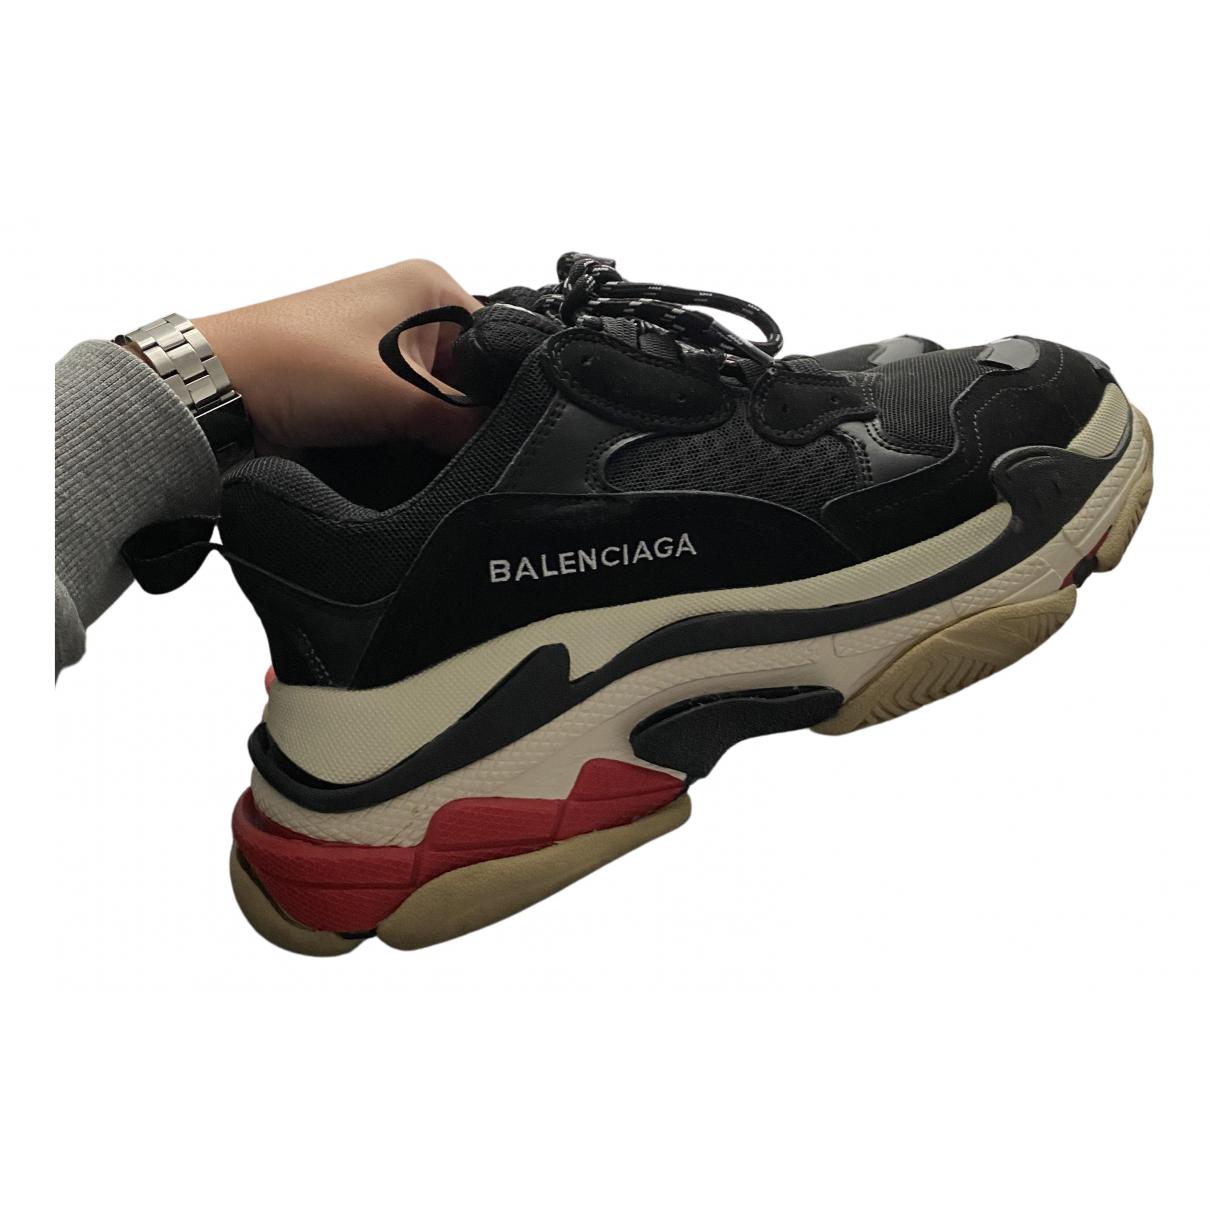 Balenciaga - Baskets Triple S pour homme en cuir - noir